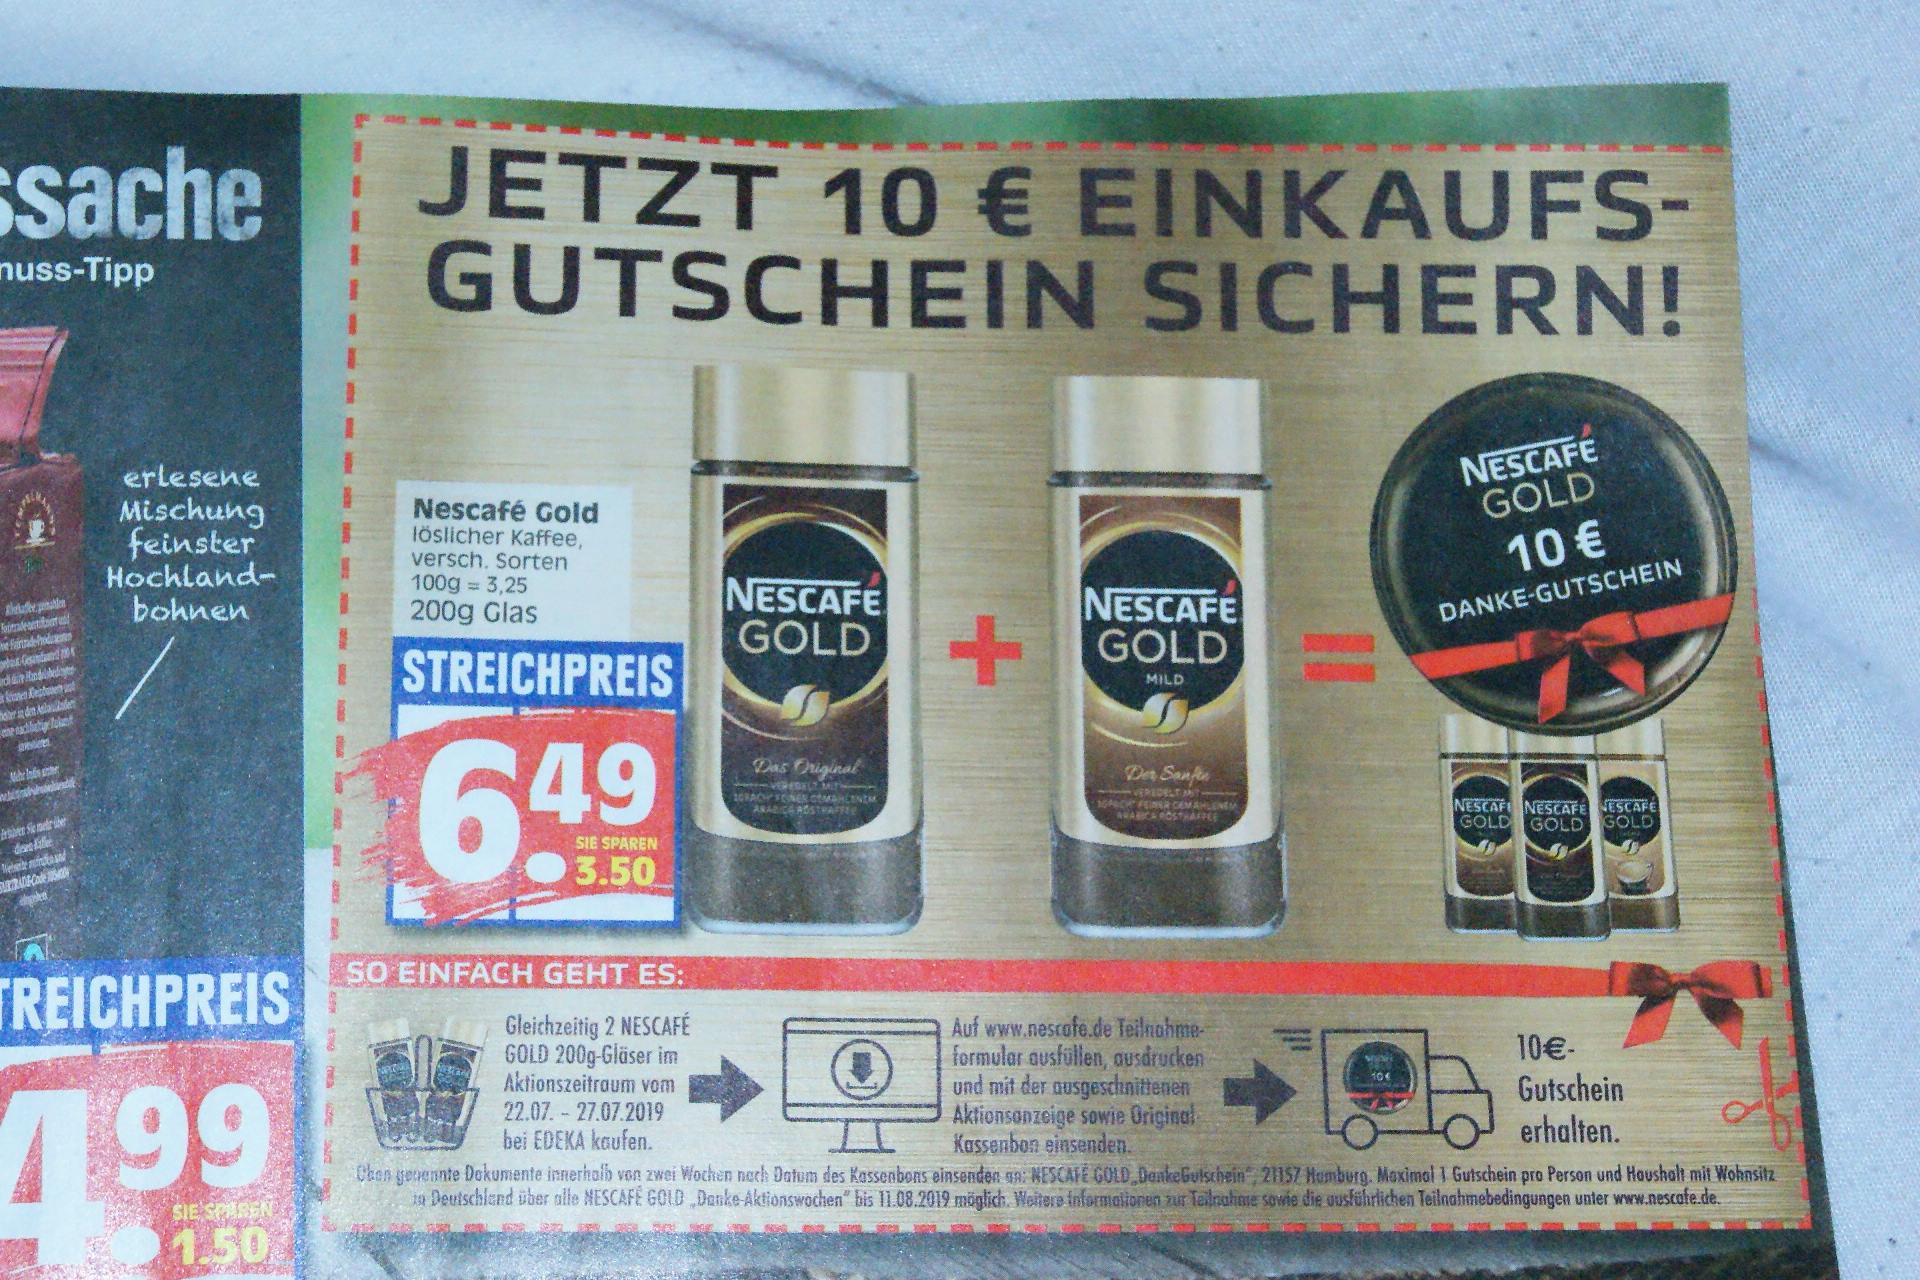 2x Nescafe Gold Kaffee + 10 Euro-Gutschein für EDEKA für 13,78 Euro bei EDEKA